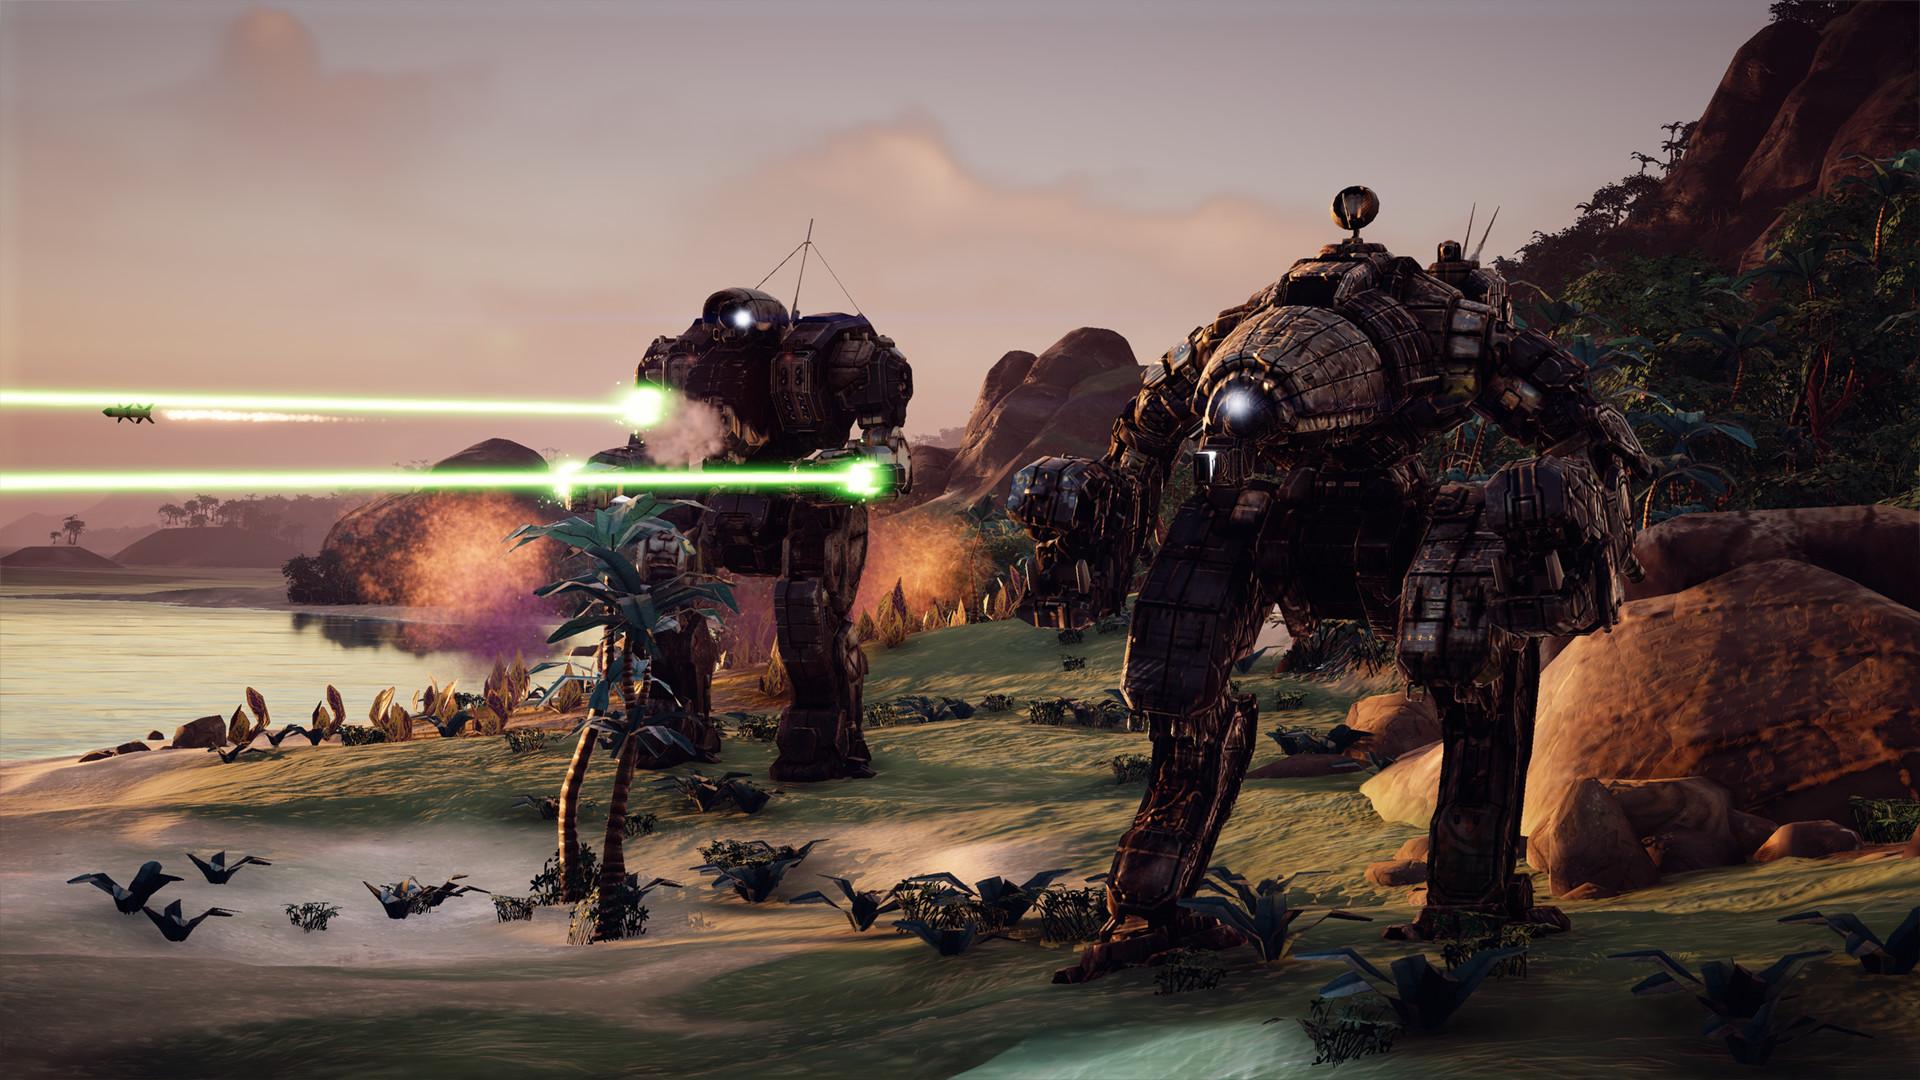 battletech-mercenary-collection-pc-screenshot-01